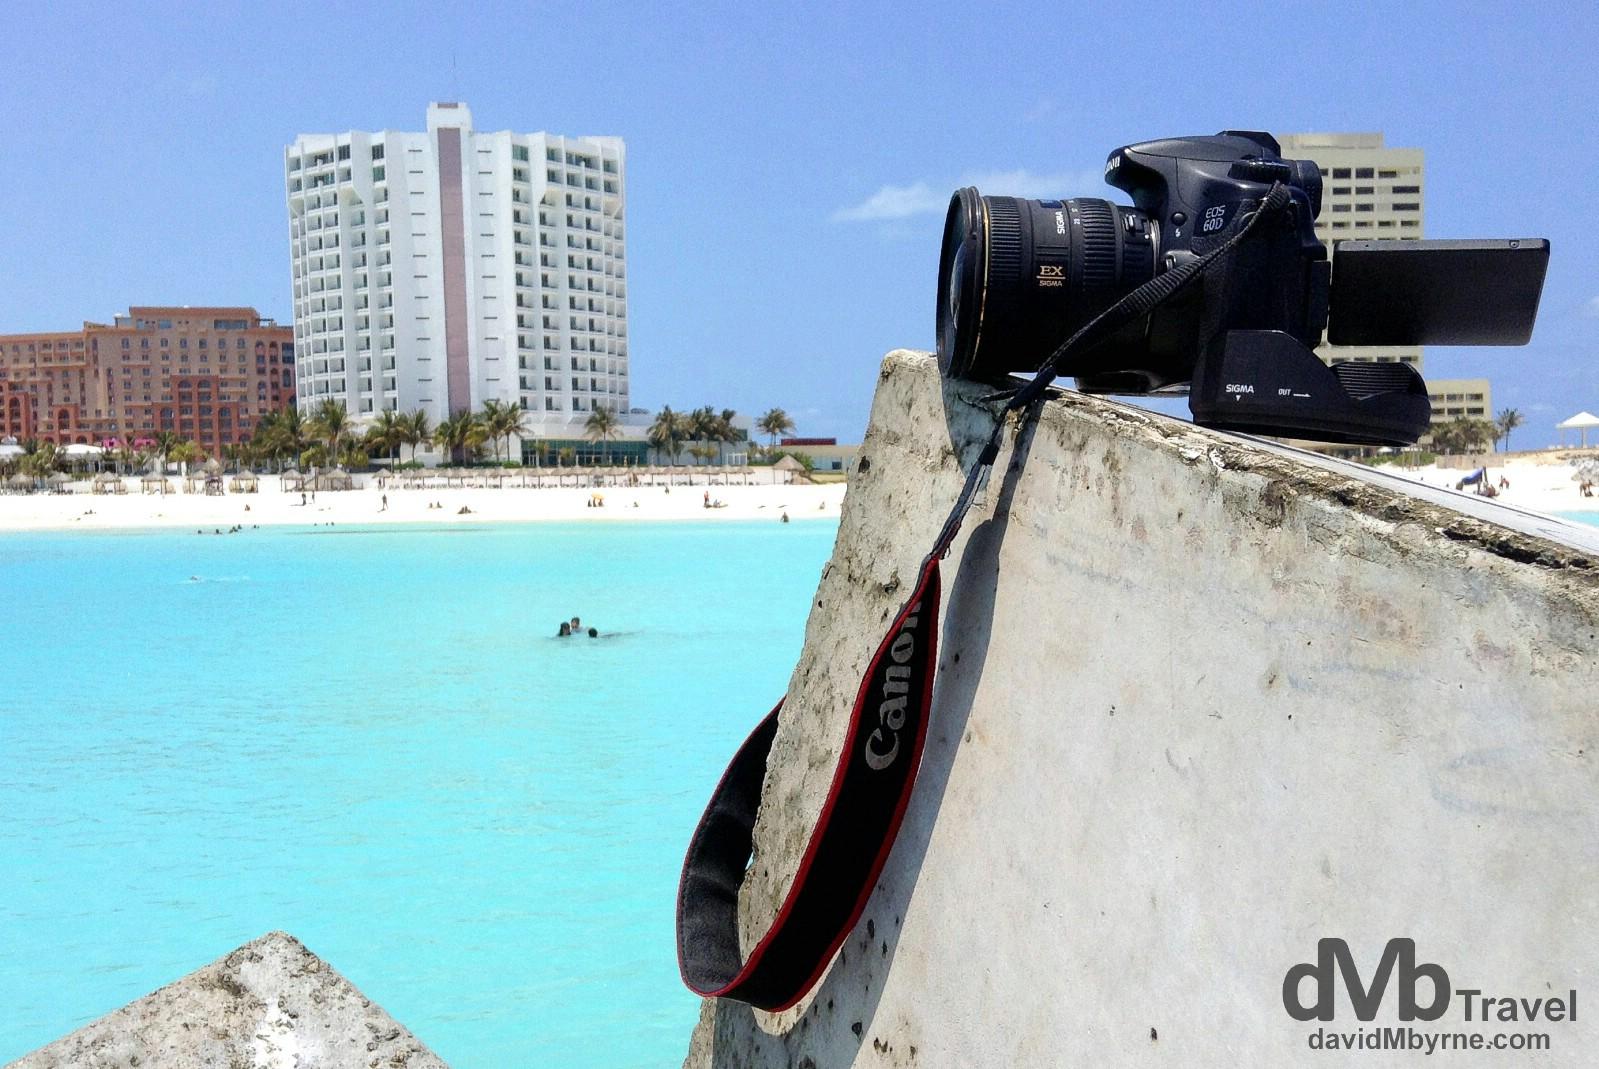 Capturing the action at Punta Cancun, Cancun, Yucatan, Mexico. May 5th 2013.